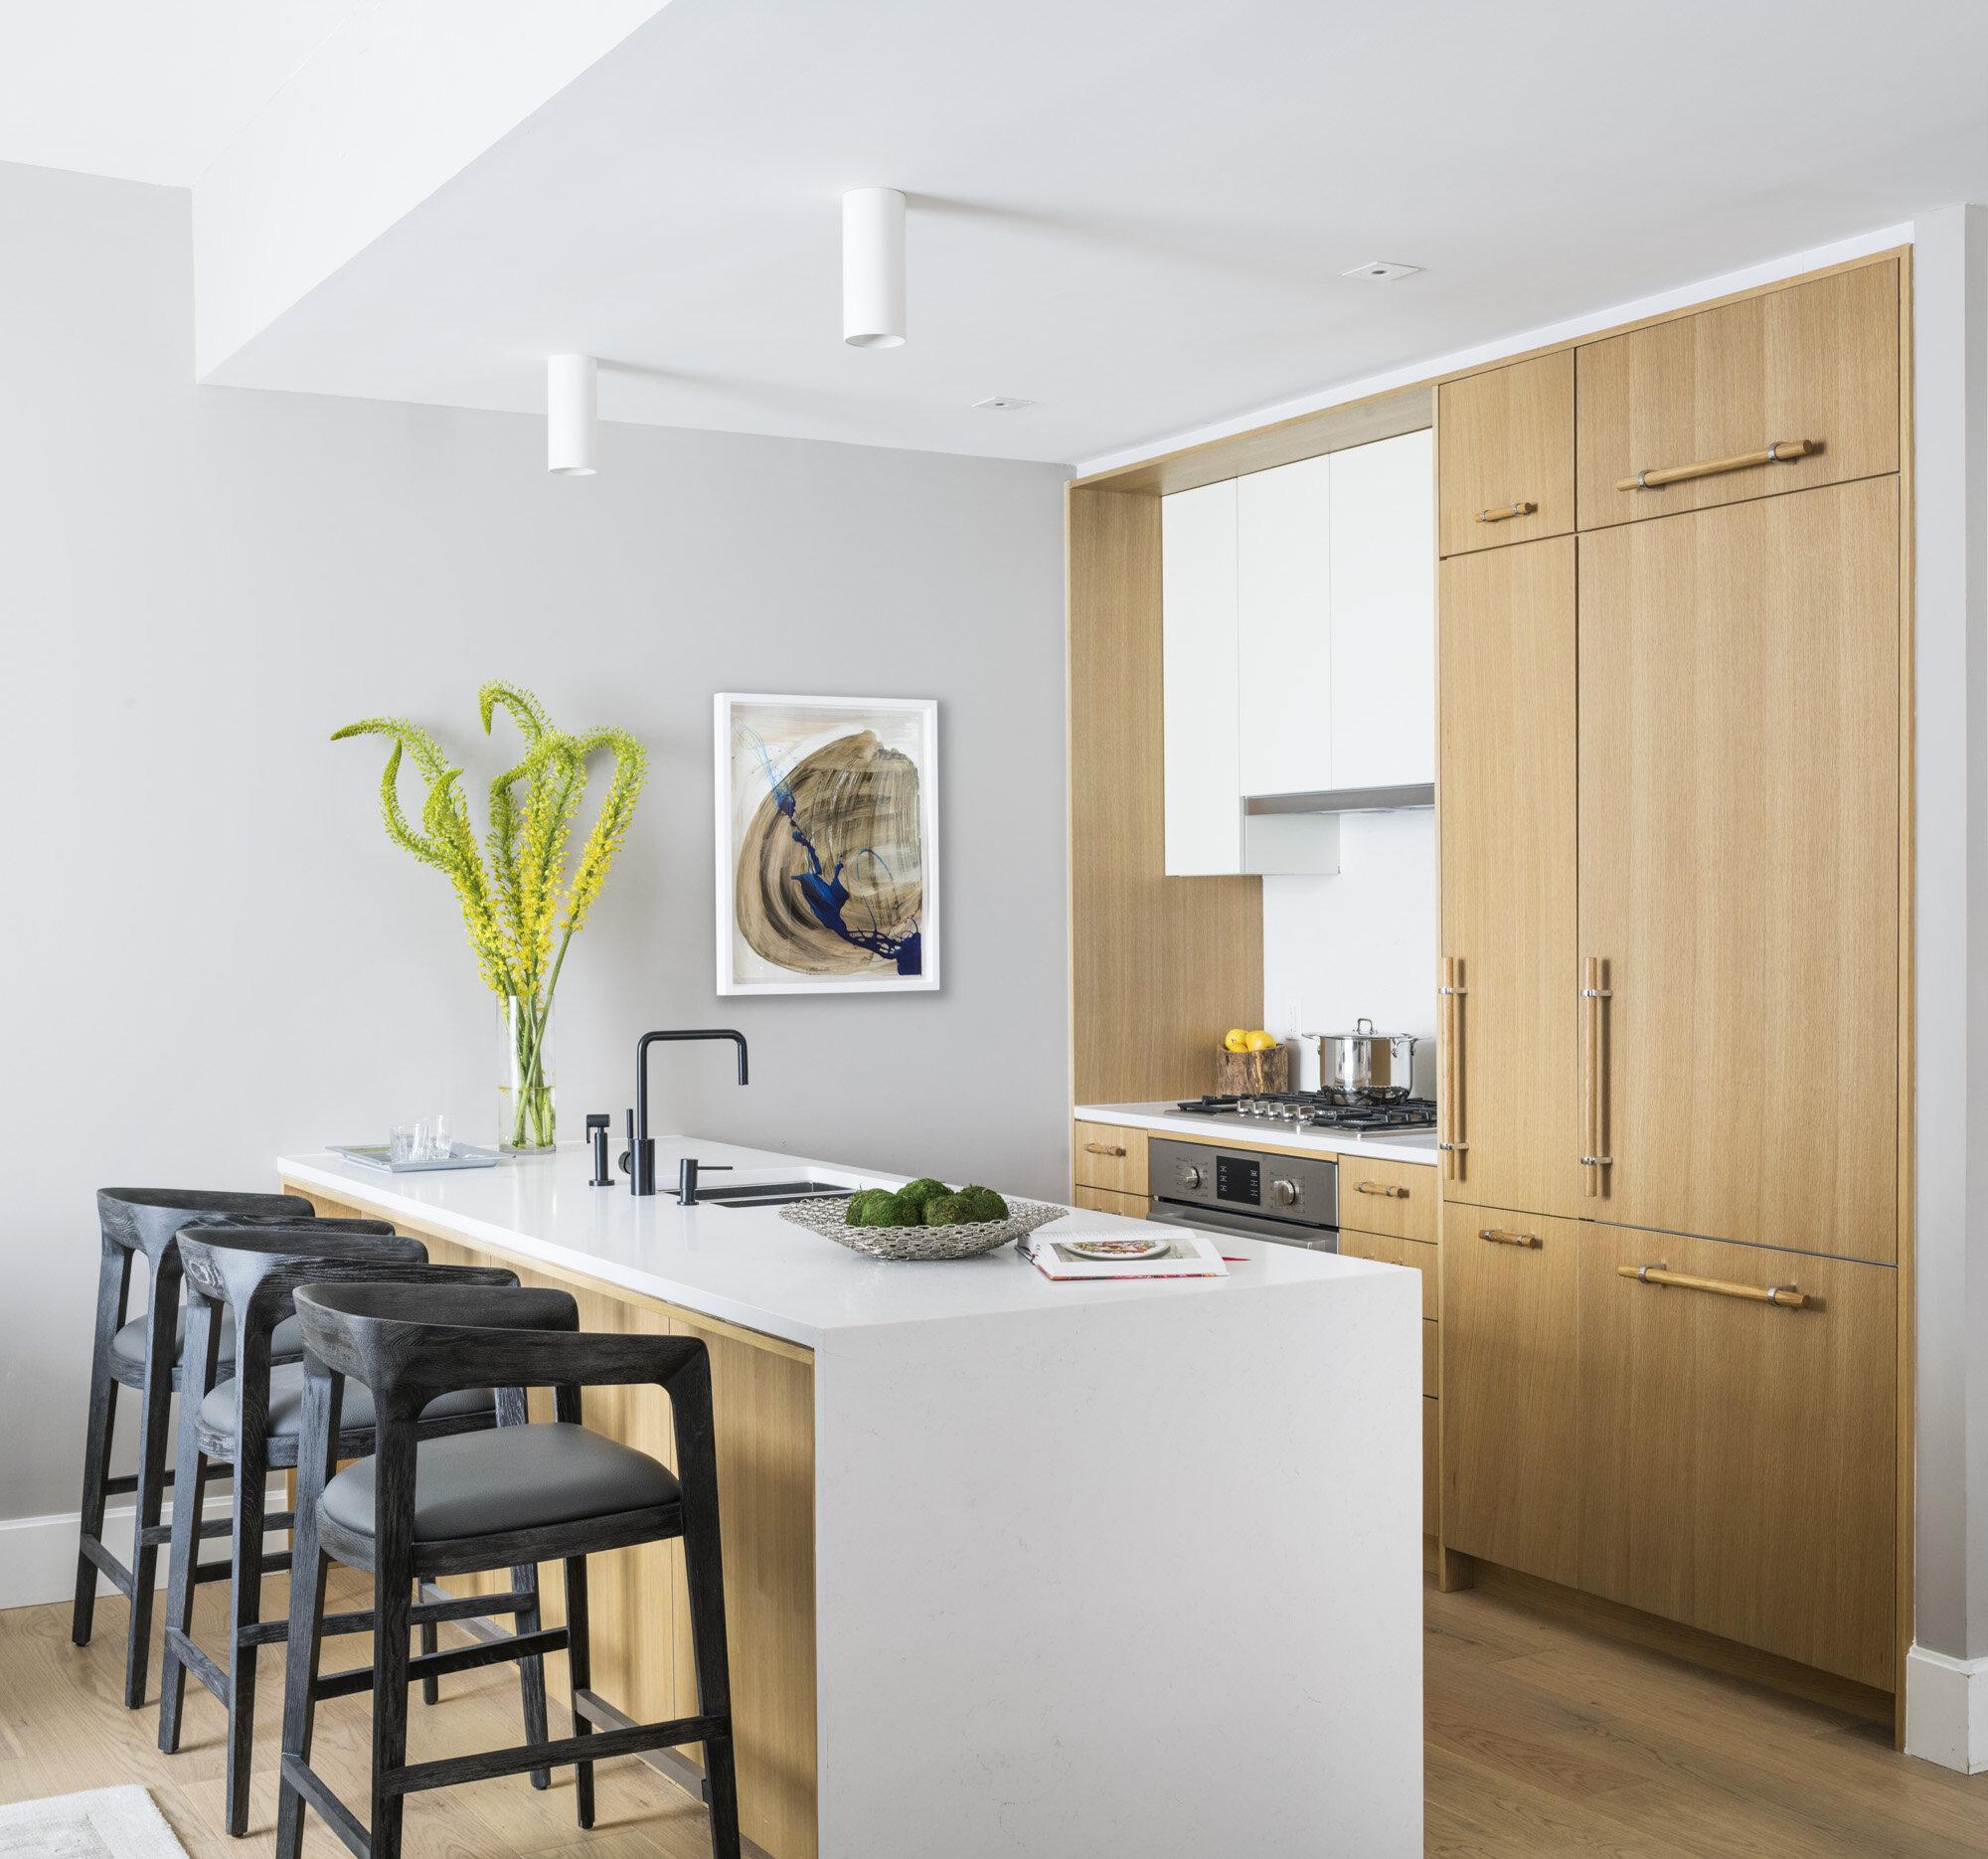 Galerie 2 bedroom kitchen.jpg